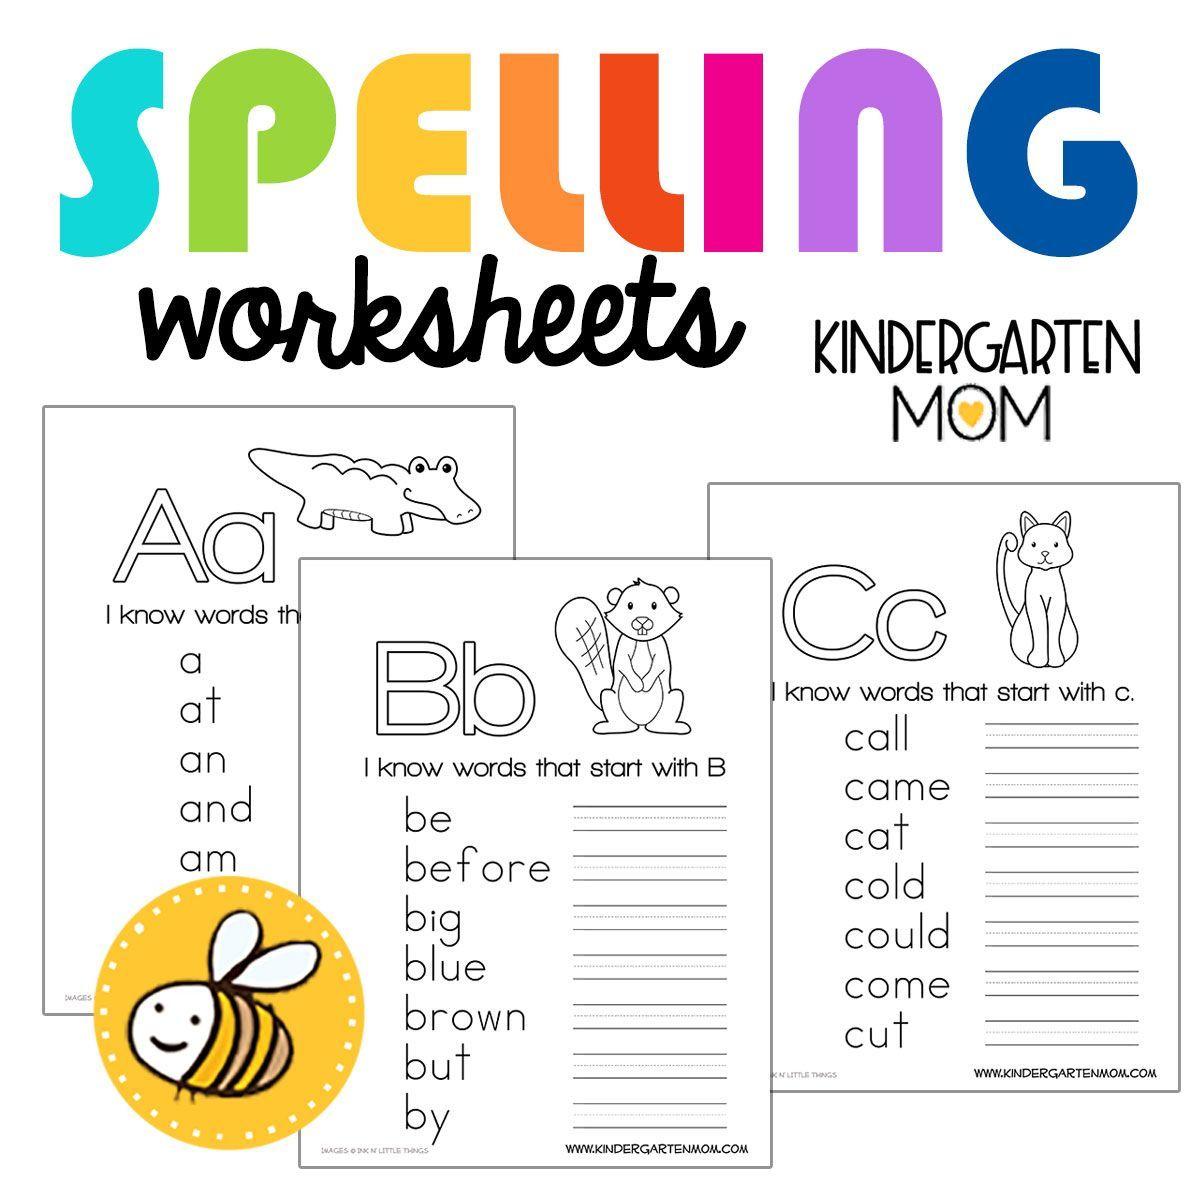 Kindergarten Worksheets Kindergarten Mom Spelling Worksheets Kindergarten Kindergarten Worksheets Kindergarten Phonics Worksheets [ 1200 x 1200 Pixel ]